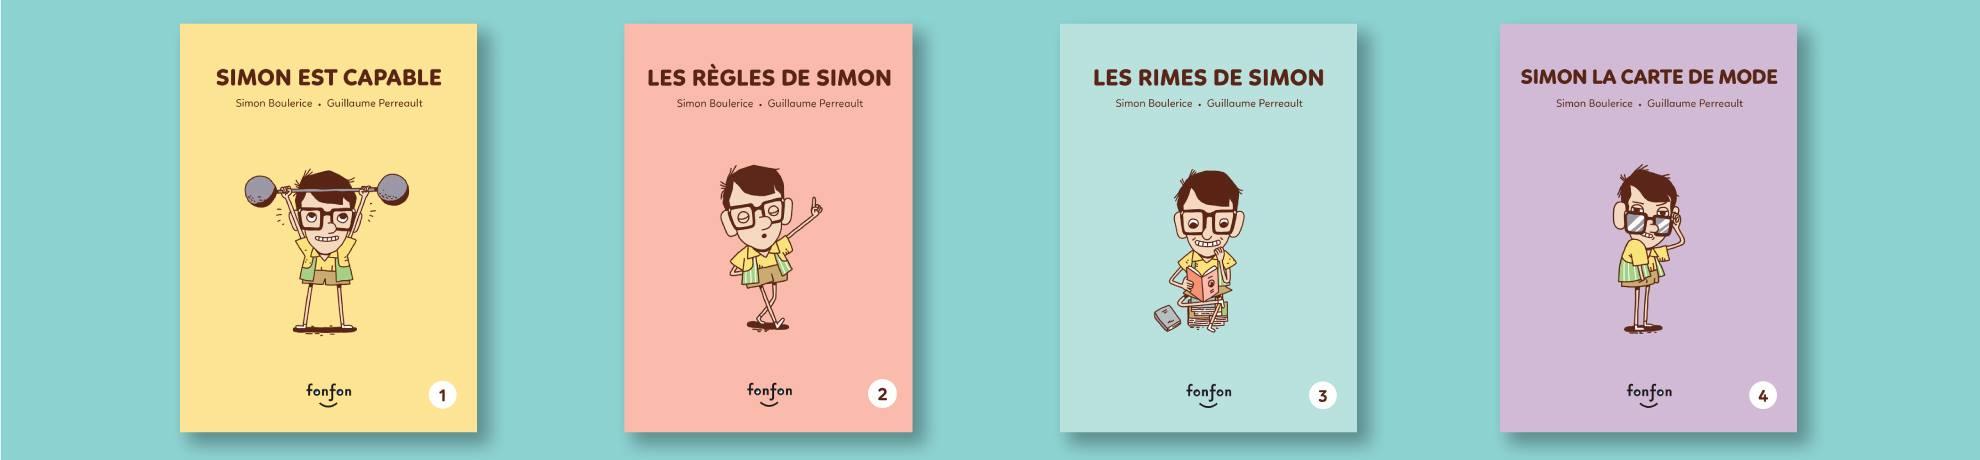 Histoires de lire: tombez sous le charme de la série Simon et moi